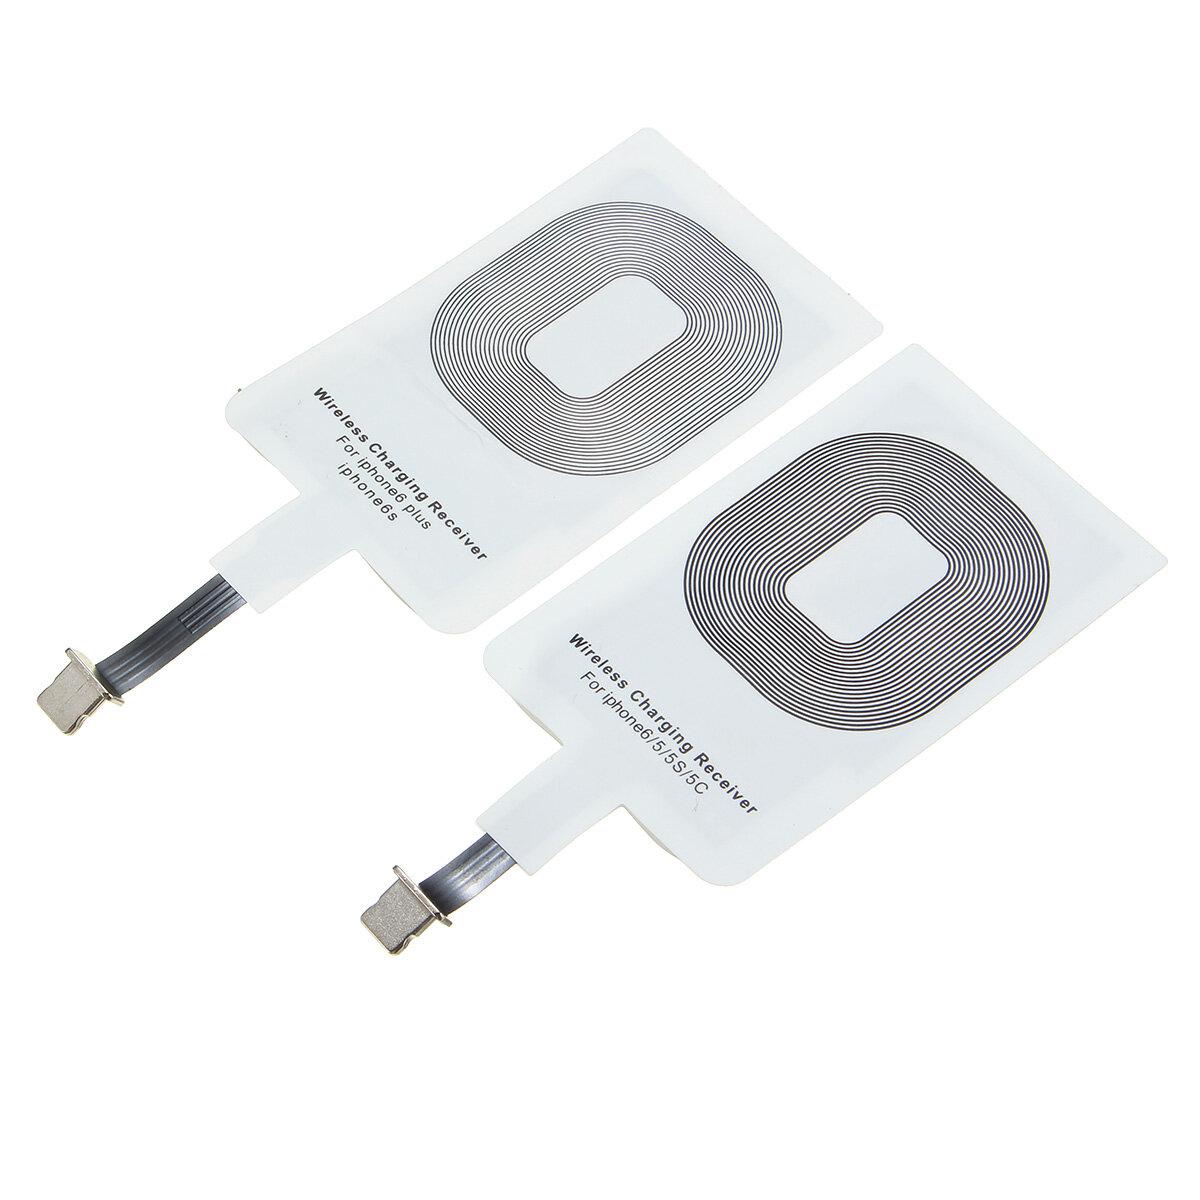 Qi Зарядное устройство для беспроводного зарядного устройства Приемник Коврик для зарядного устройства для Iphone 5S 5C 6 6plus